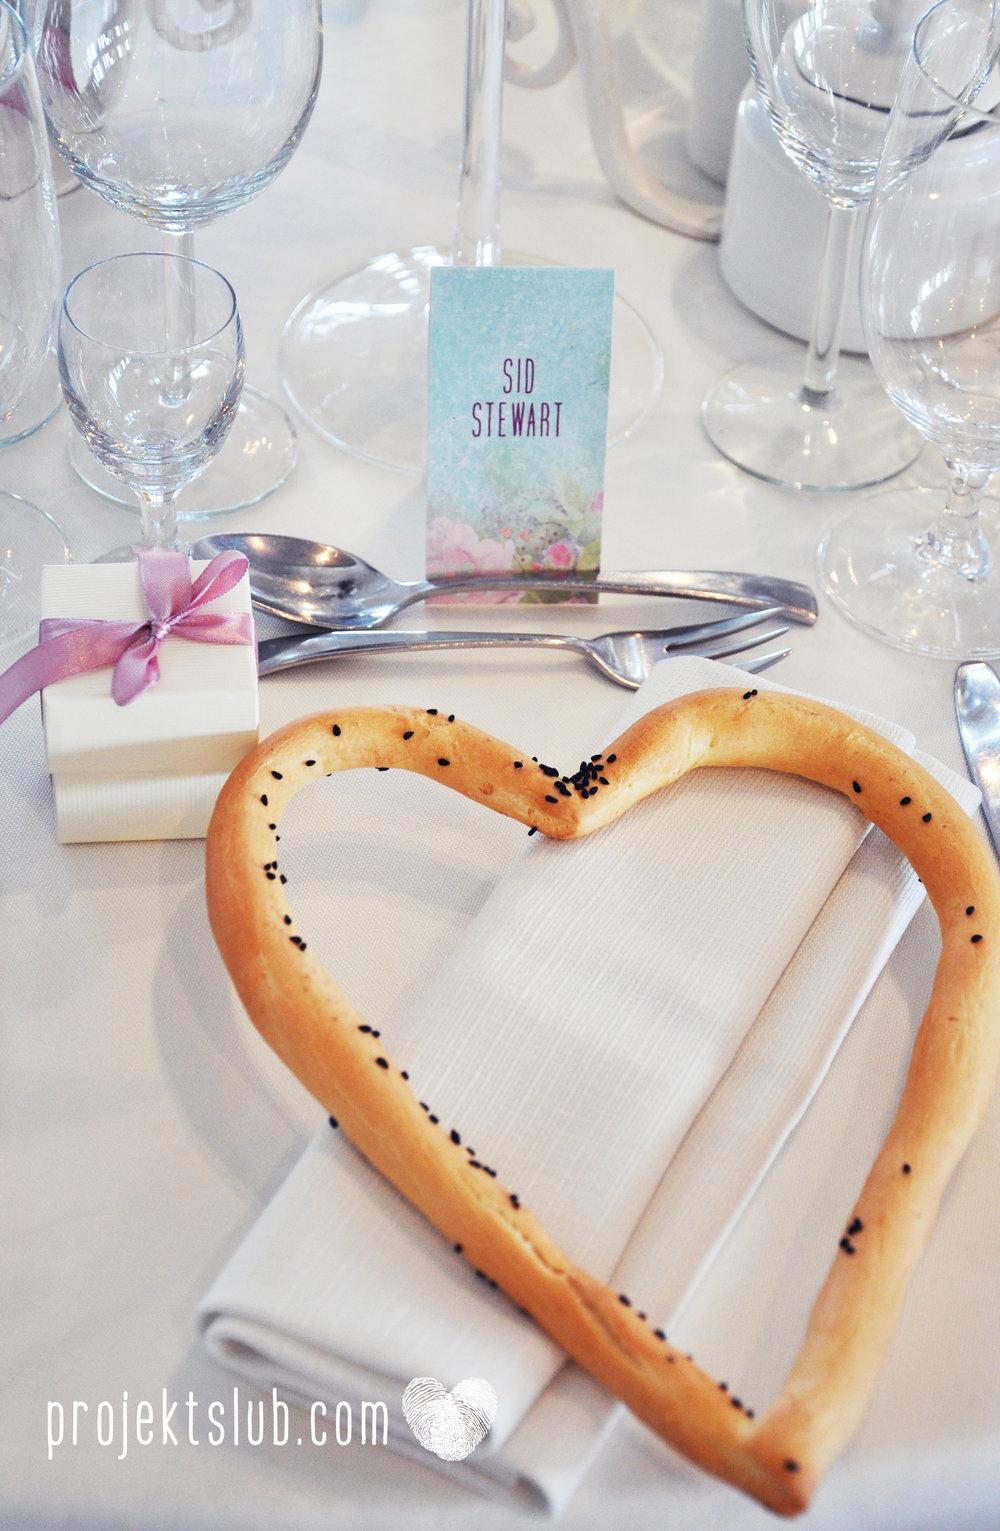 Zaproszenie ślubne BOHO WIANEK rustykalne wesele romantyczne kwiaty pastele Projekt Ślub (35).jpg